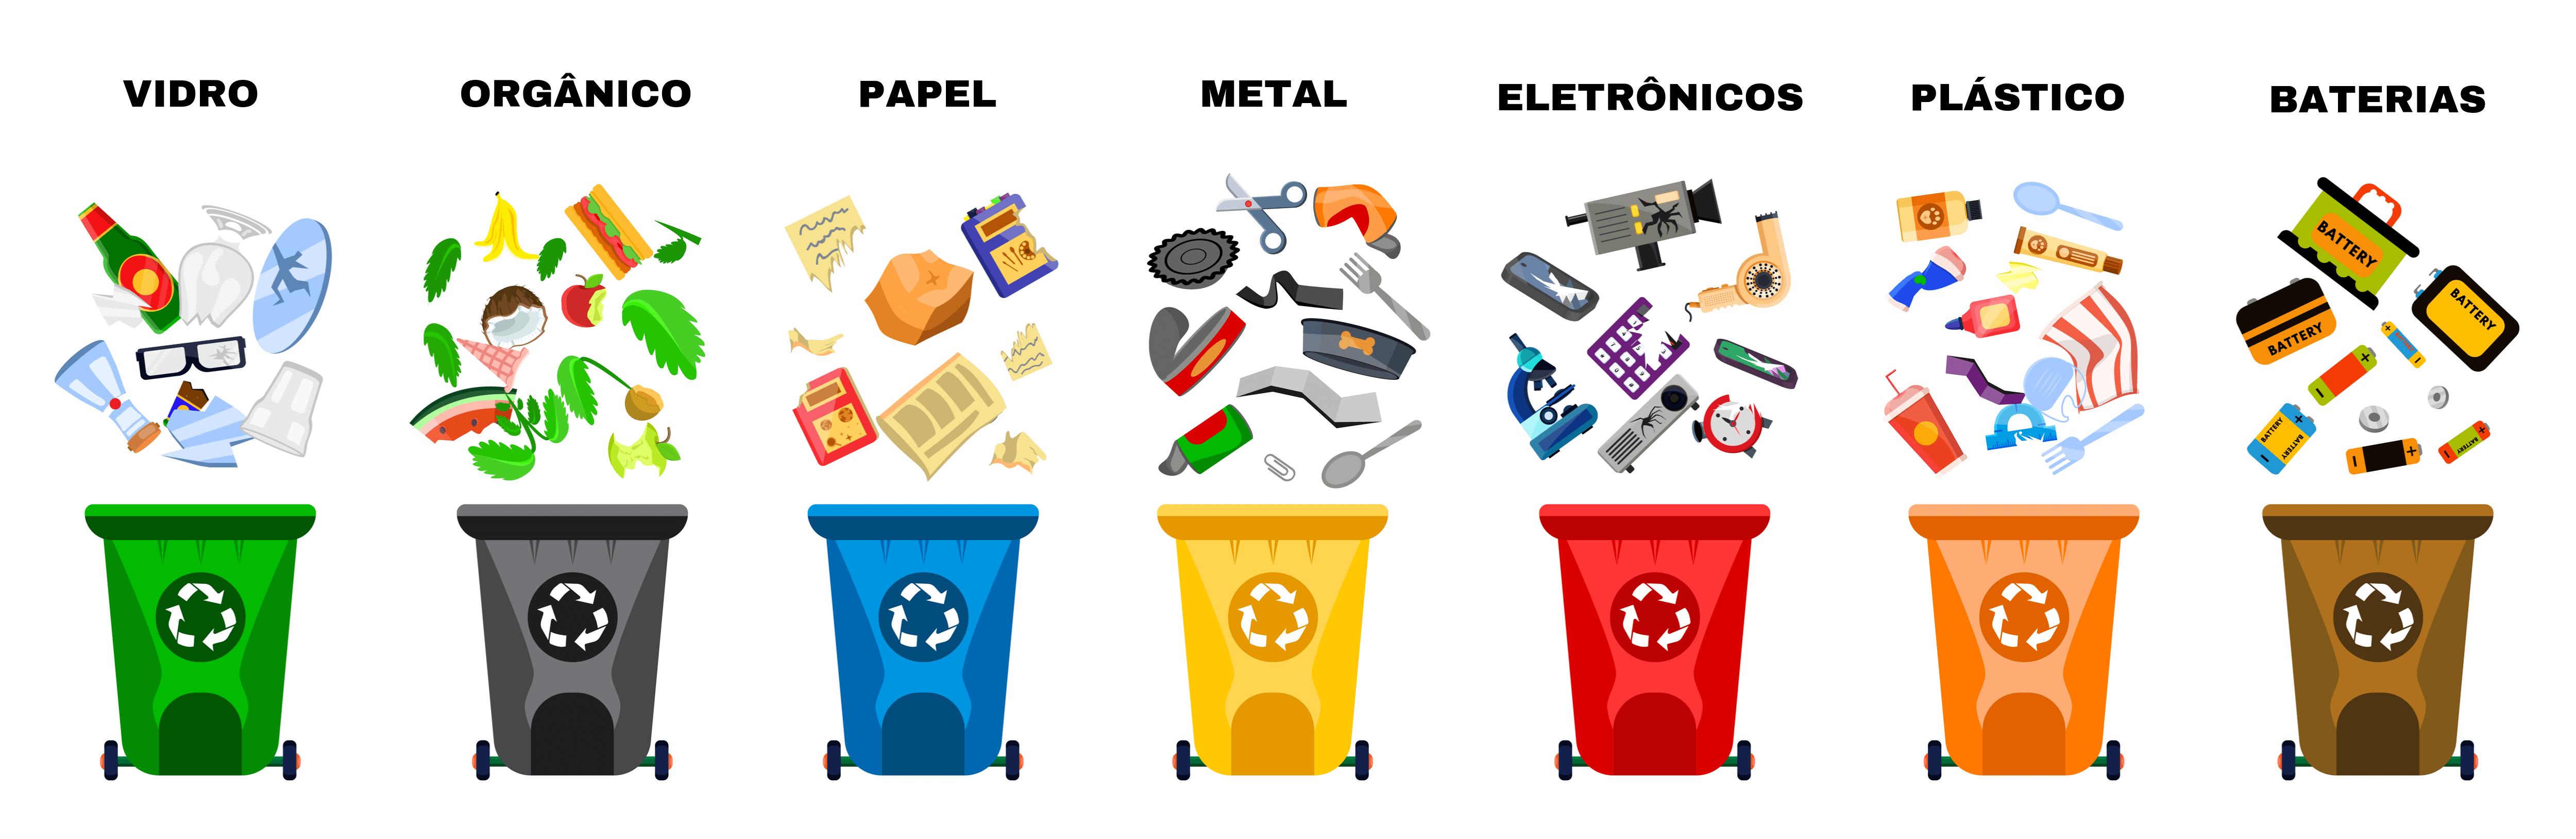 Ilustração trazendo as sete categorias de lixo que existem: vidro, orgânico, papel, metal, eletrônicos, plástico e baterias.